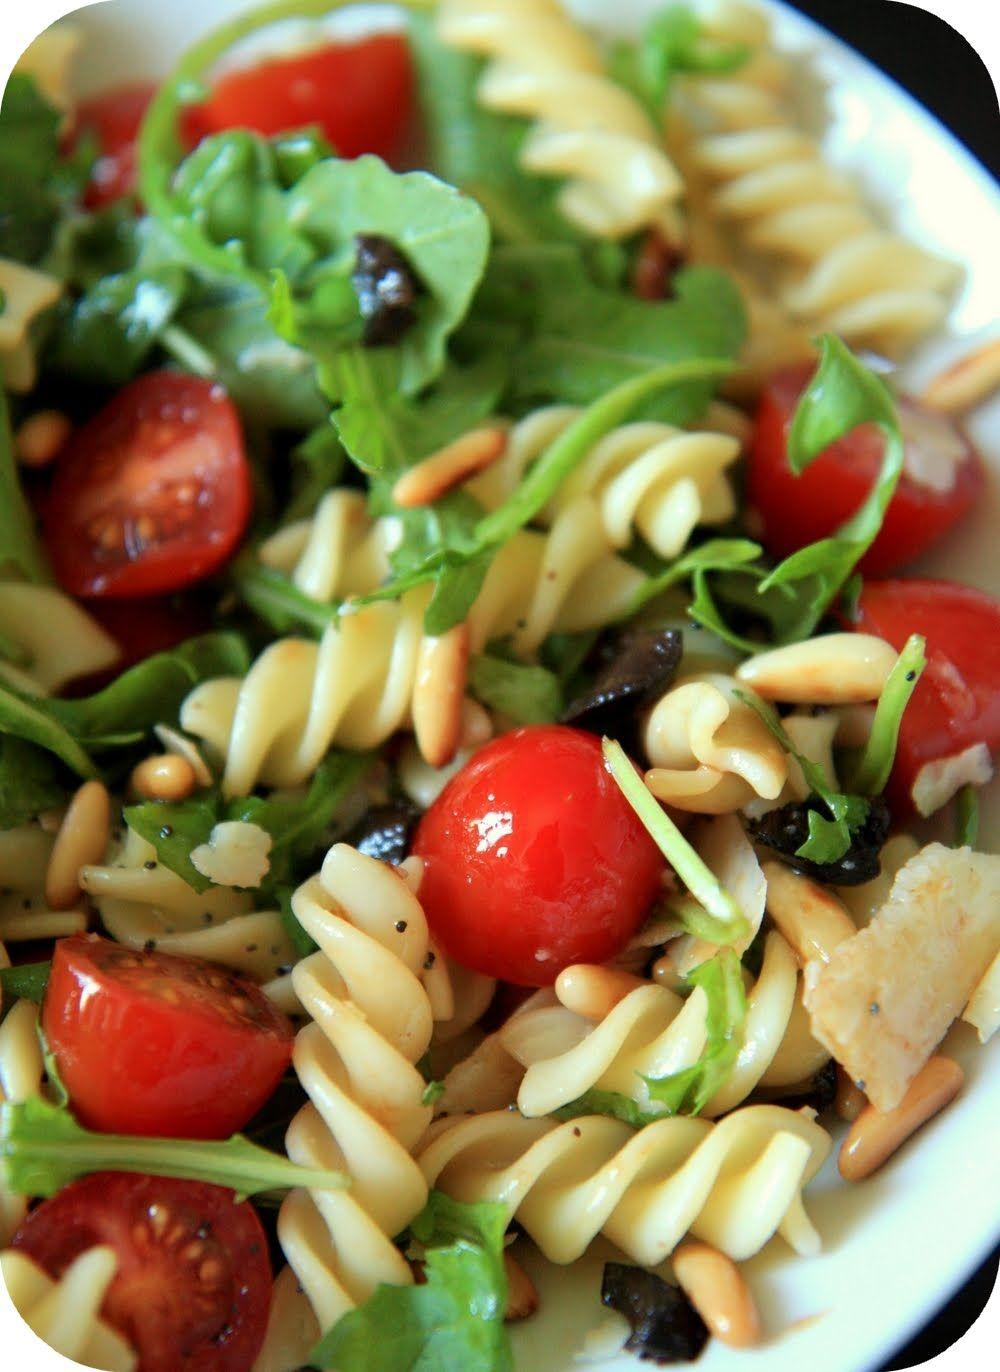 Salade l 39 italienne une recette de mon quatre heures bricoleur plat pinterest ensaladas - Bricoleur de douceur ...